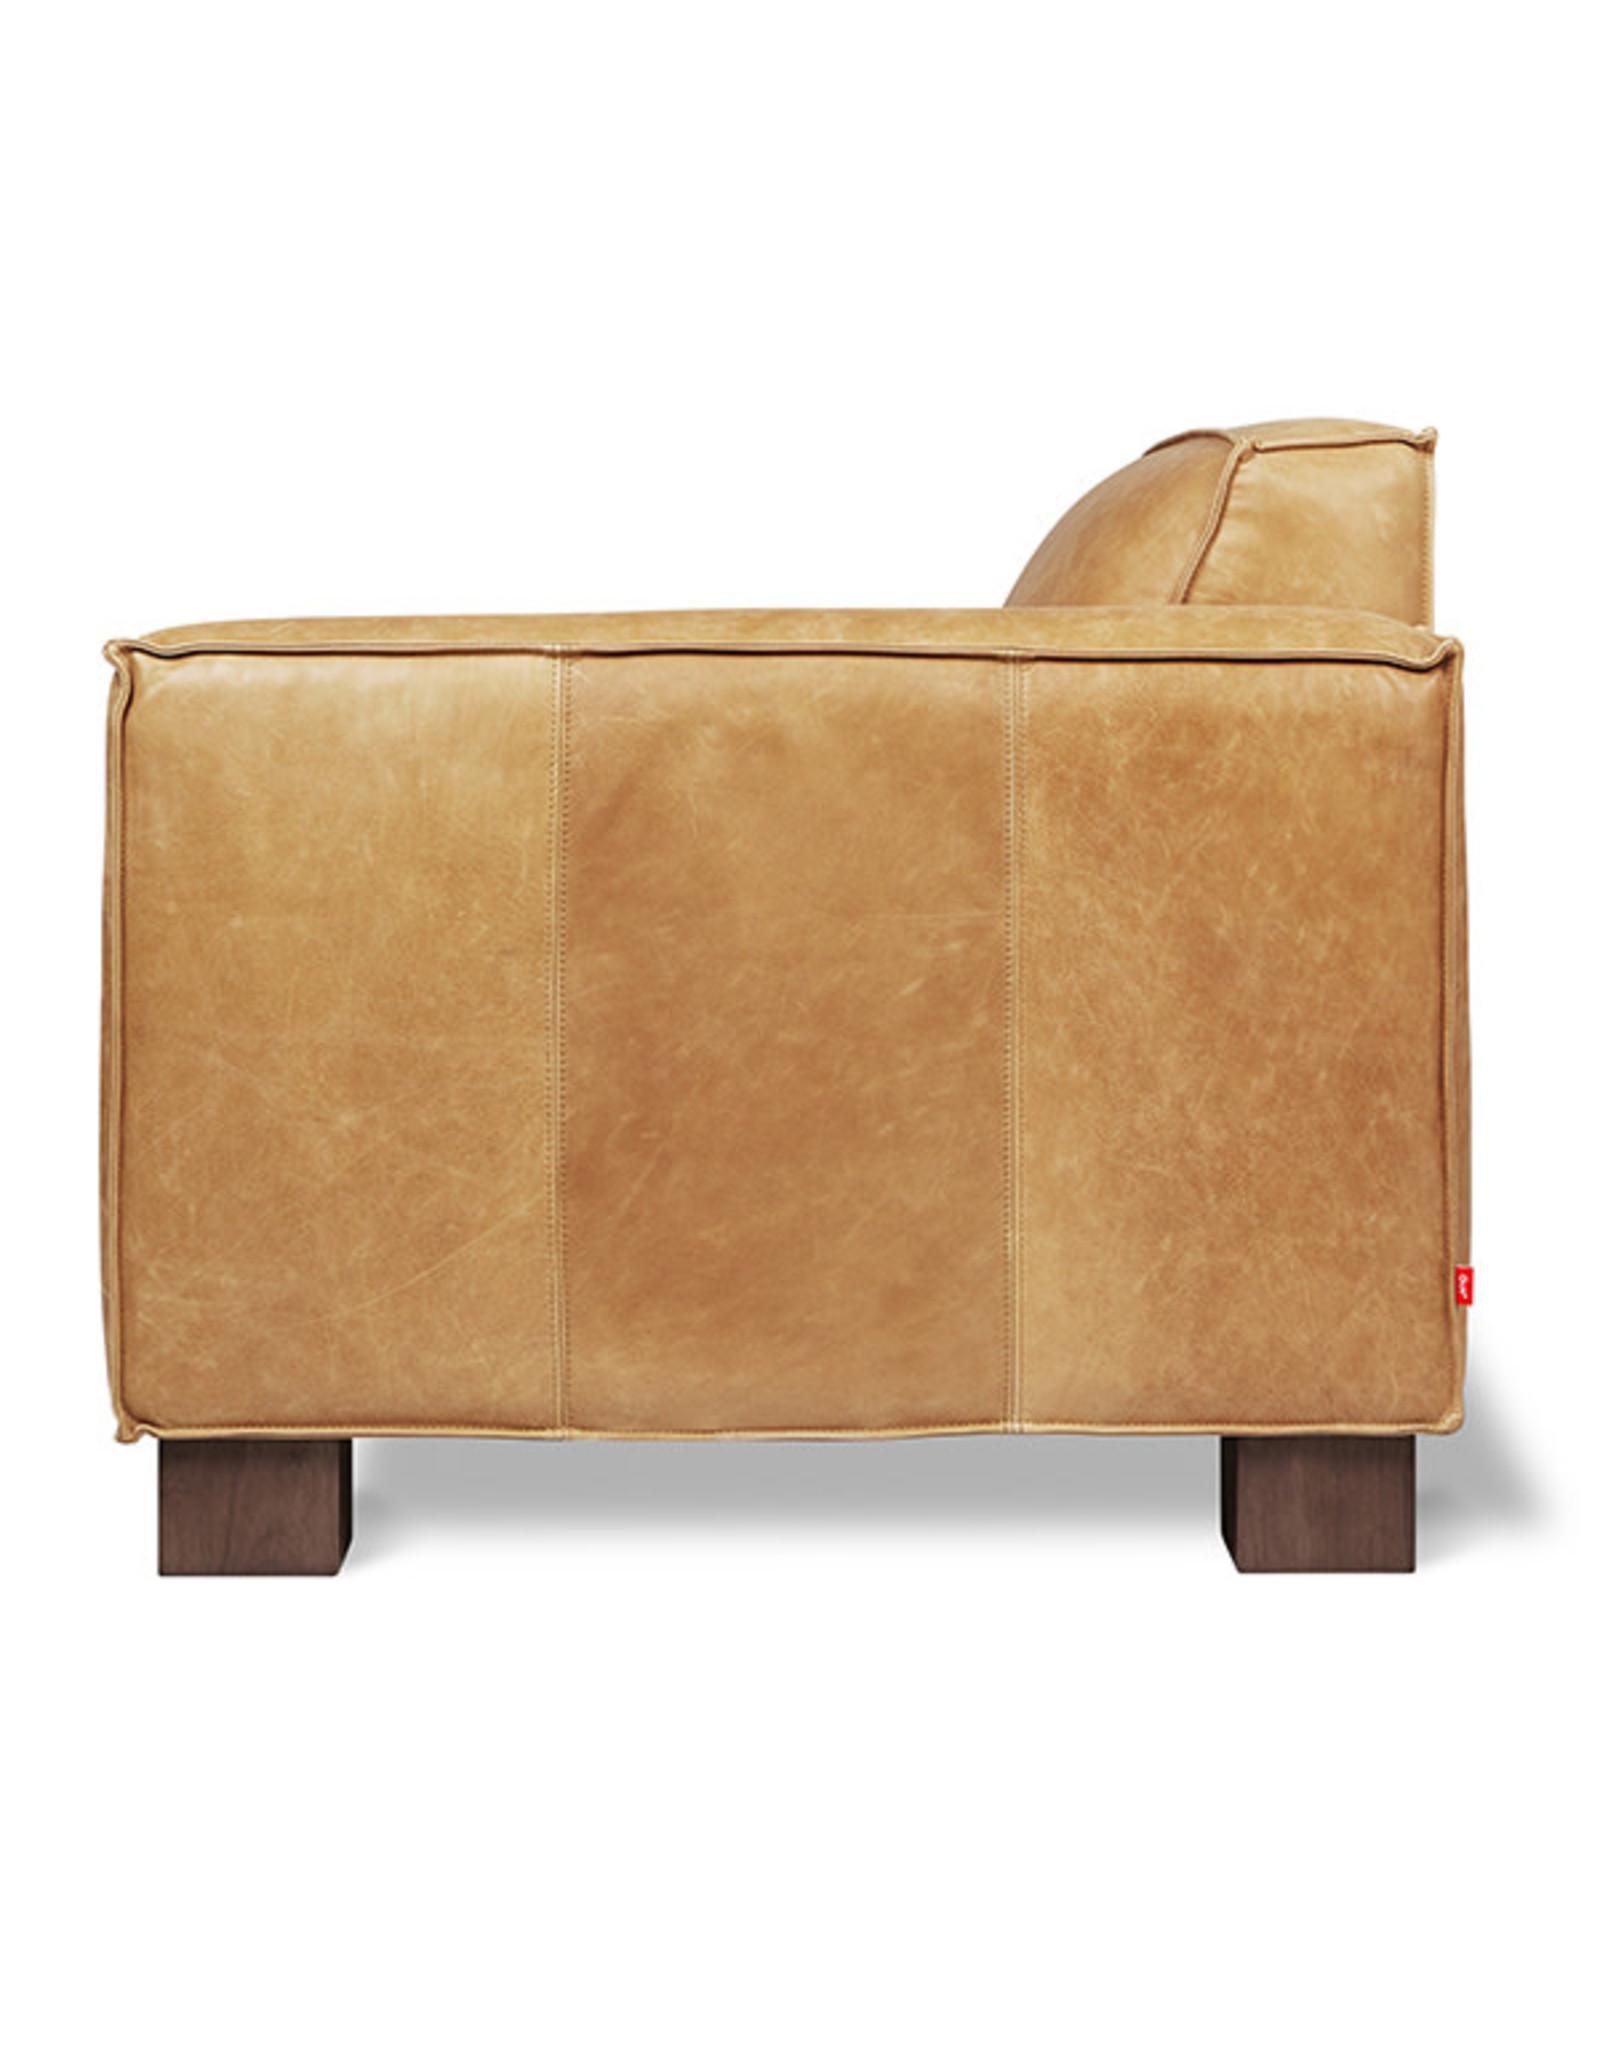 Gus* Modern Cabot Chair